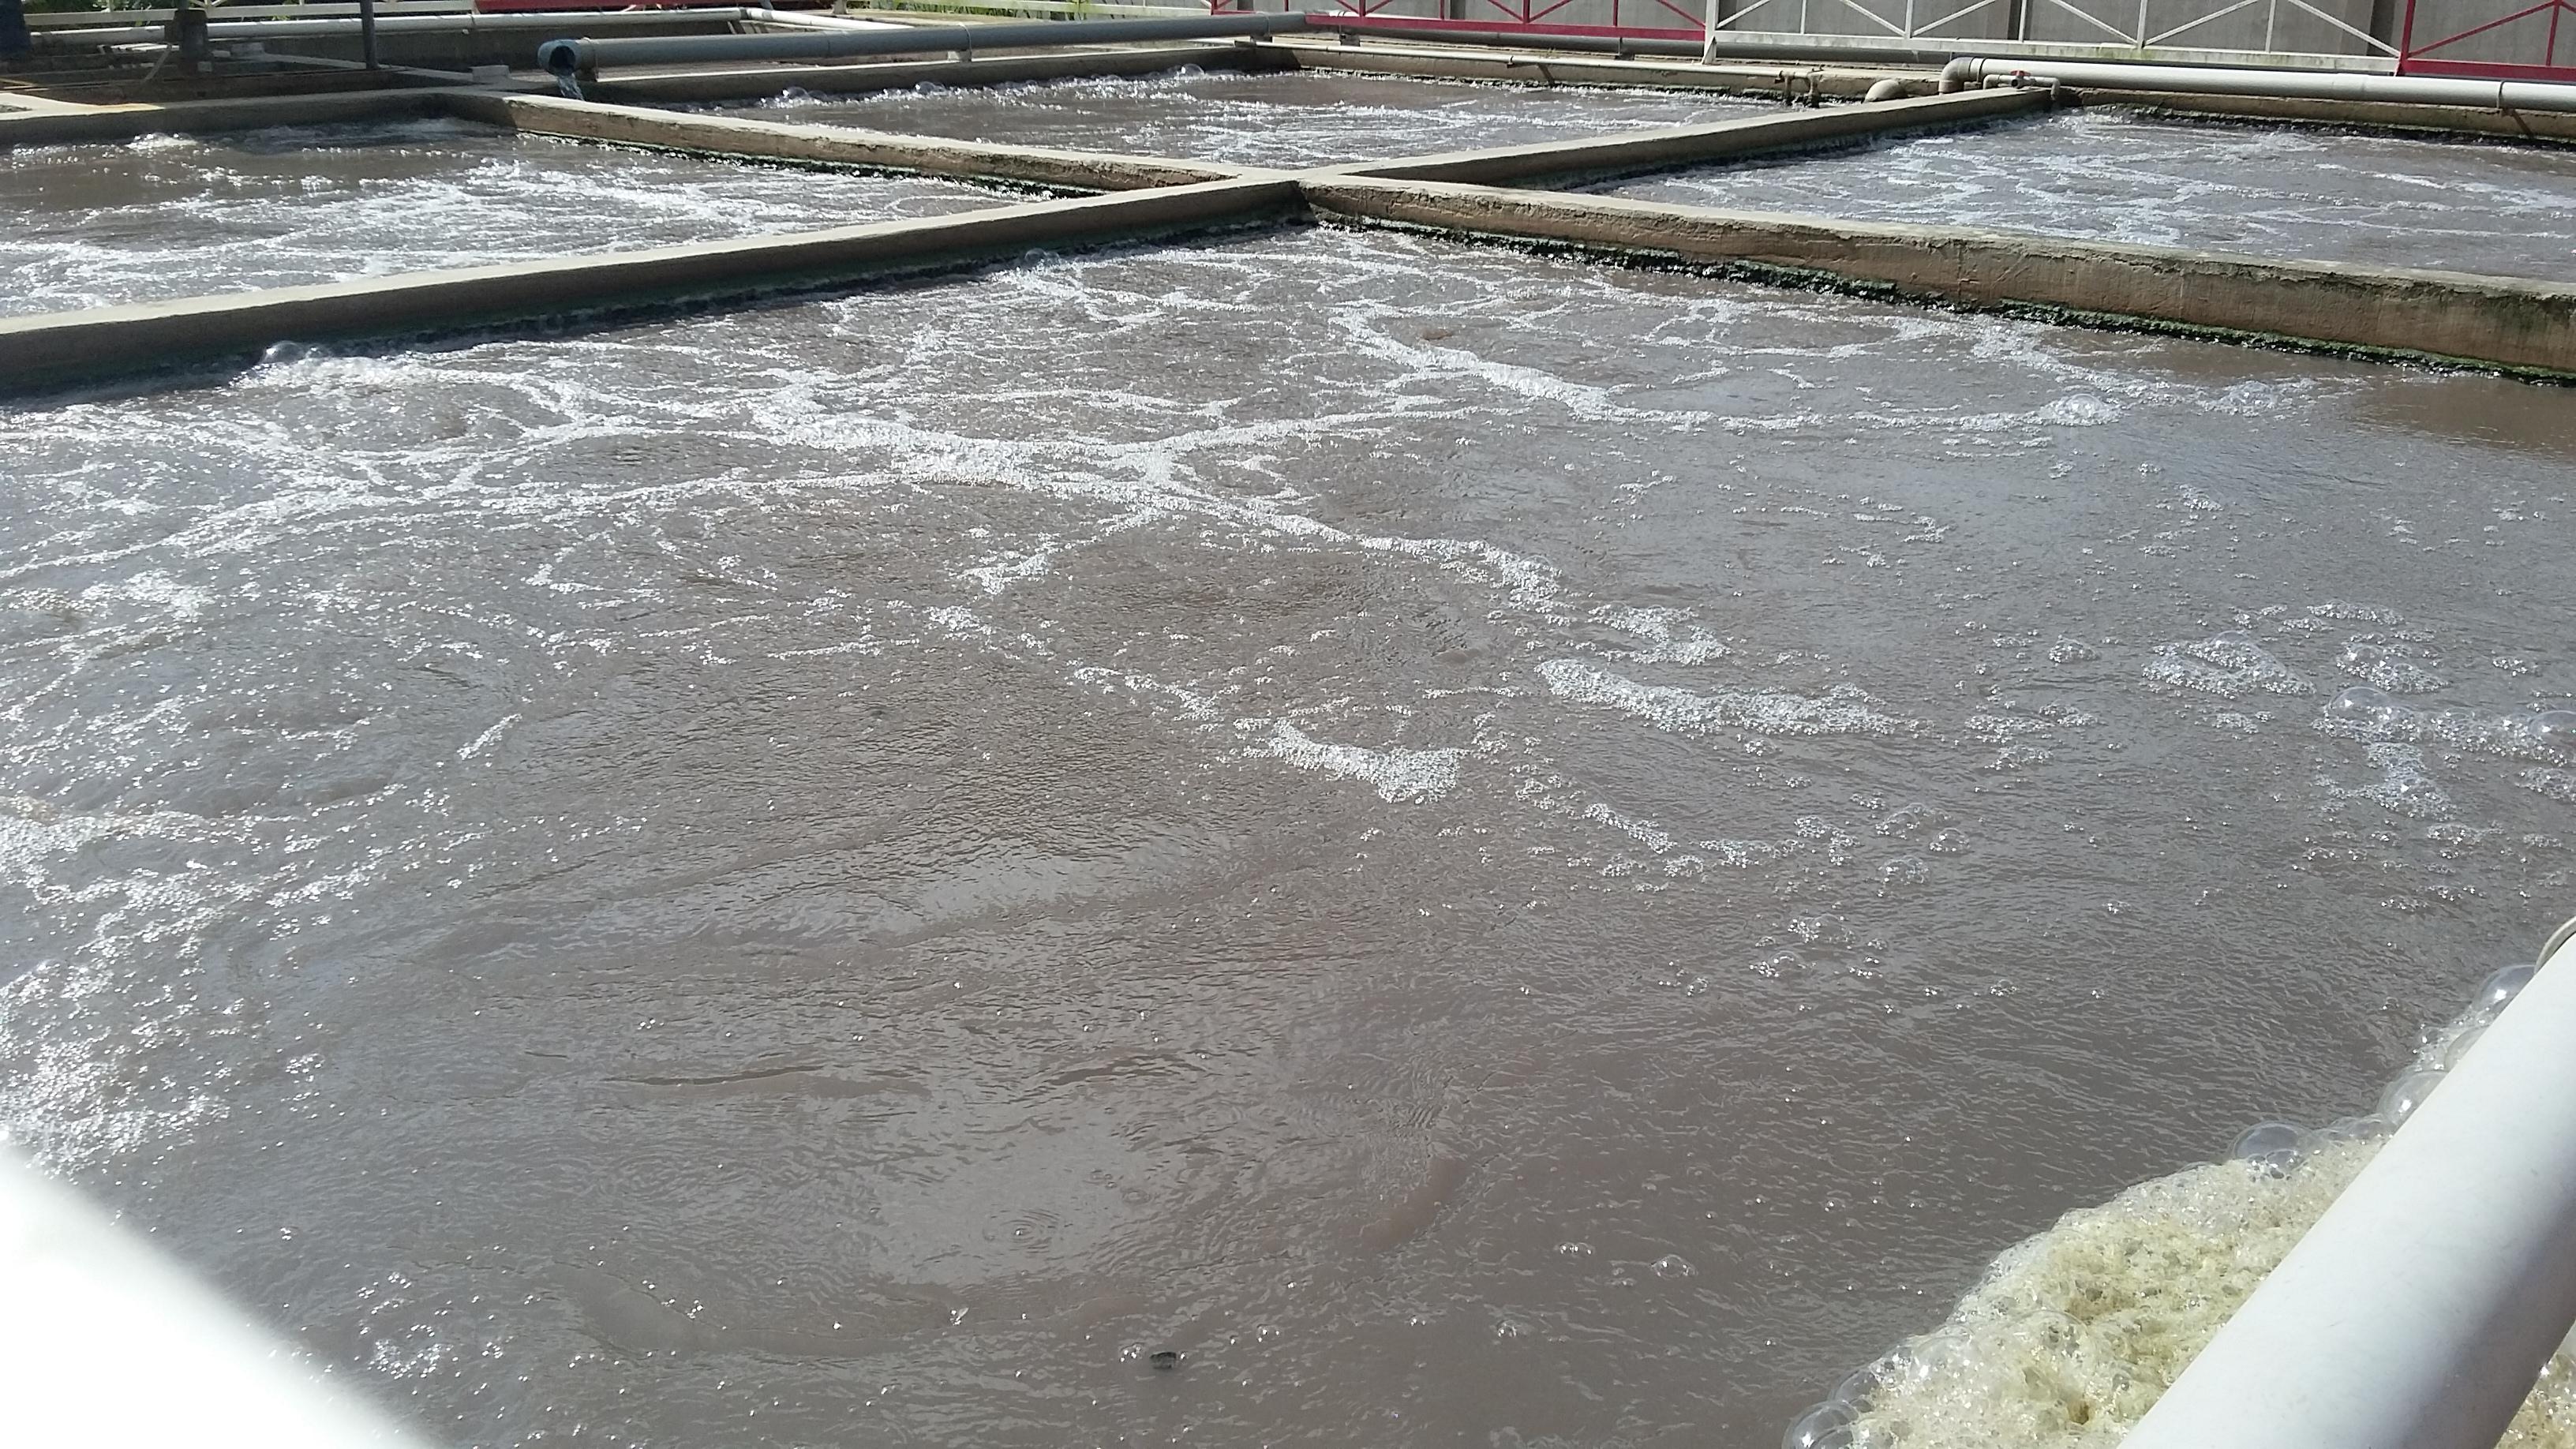 Quy trình xử lý nước thải bằng phương pháp hóa lý